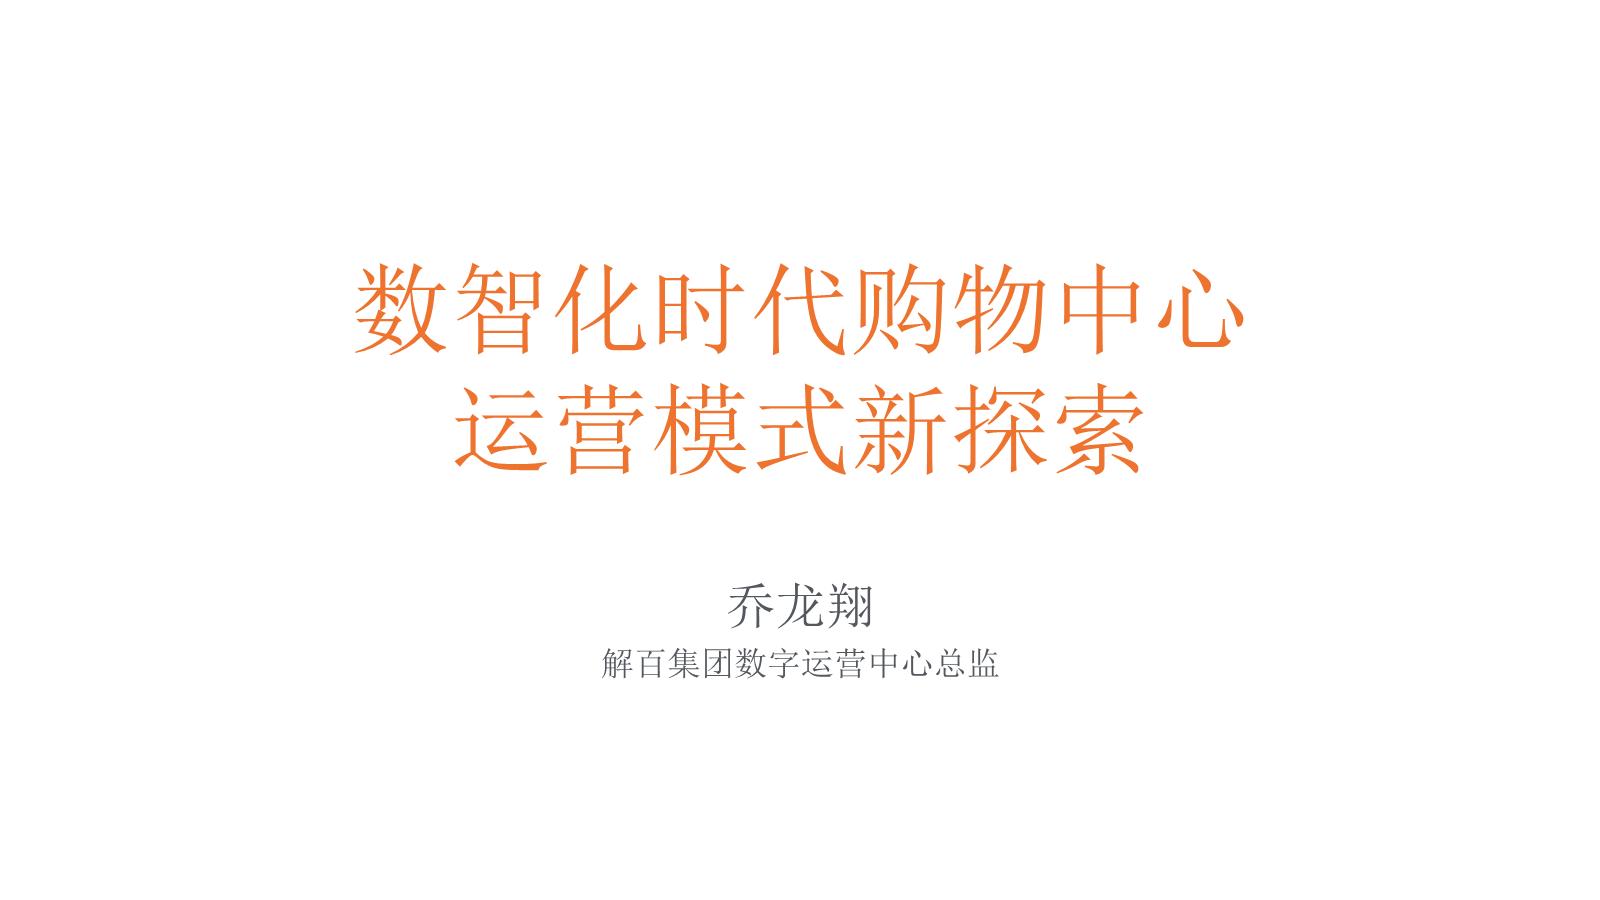 乔龙翔-数智化时代下购物中心运营模式新探索